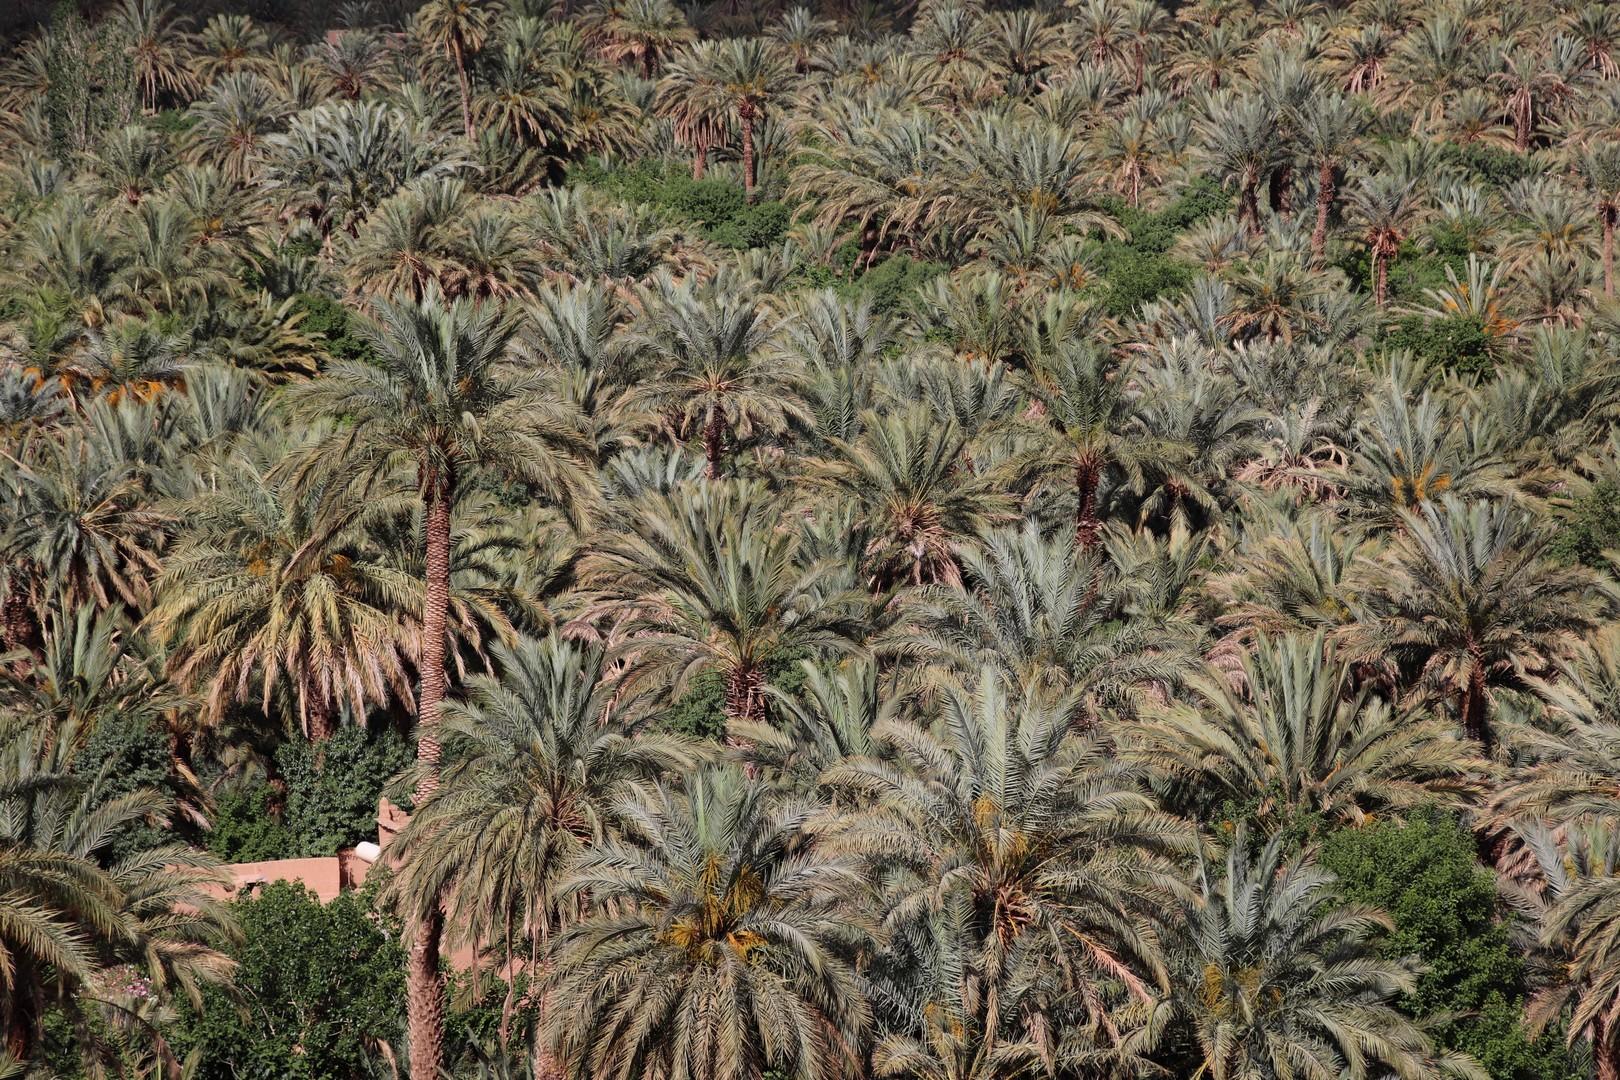 Maroc - Palmeraie d'Agdz